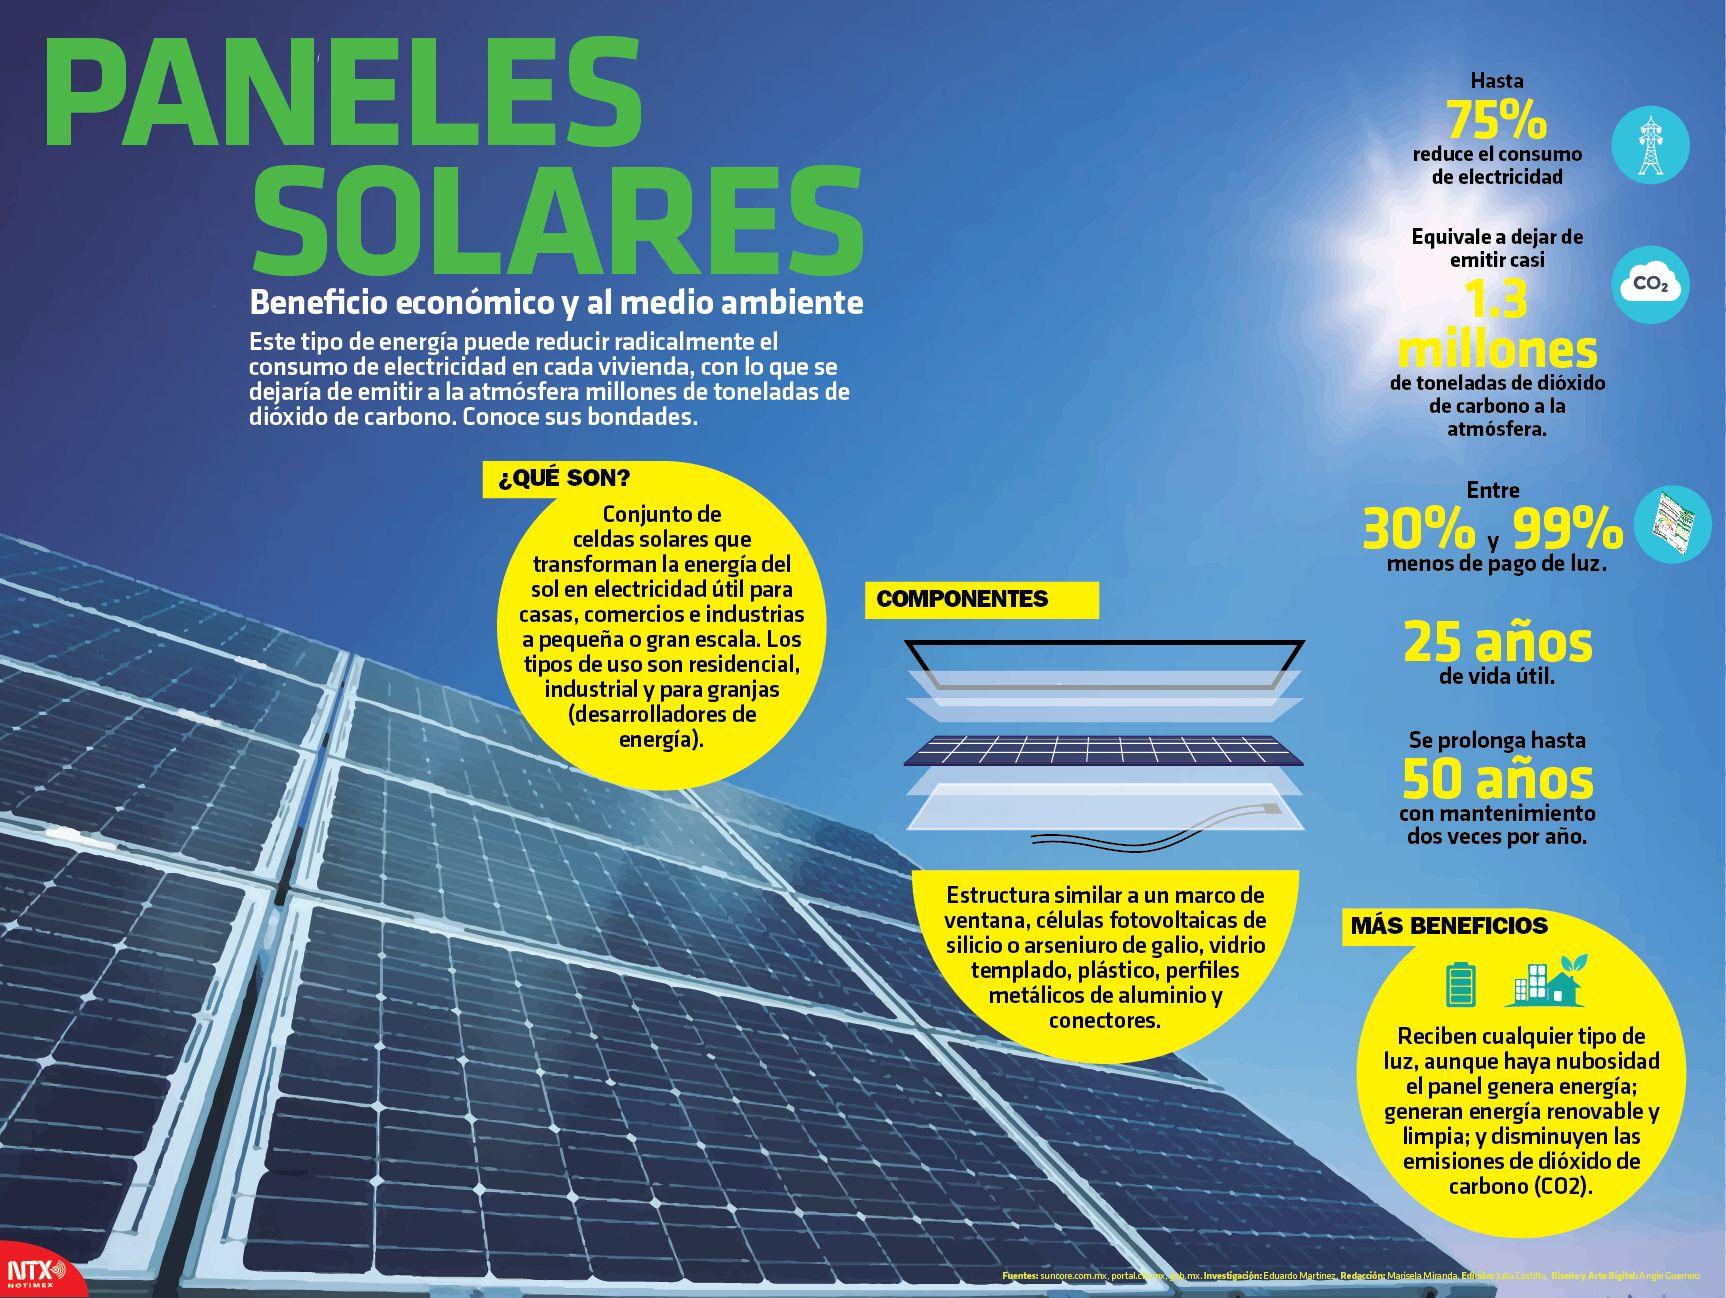 Que Son Los Paneles Solares En La Infografiantx Conoce Los Detalles De Estos Dispositivos Amigables Con El Ambiente Y Paneles Solares Panel Estacionamiento